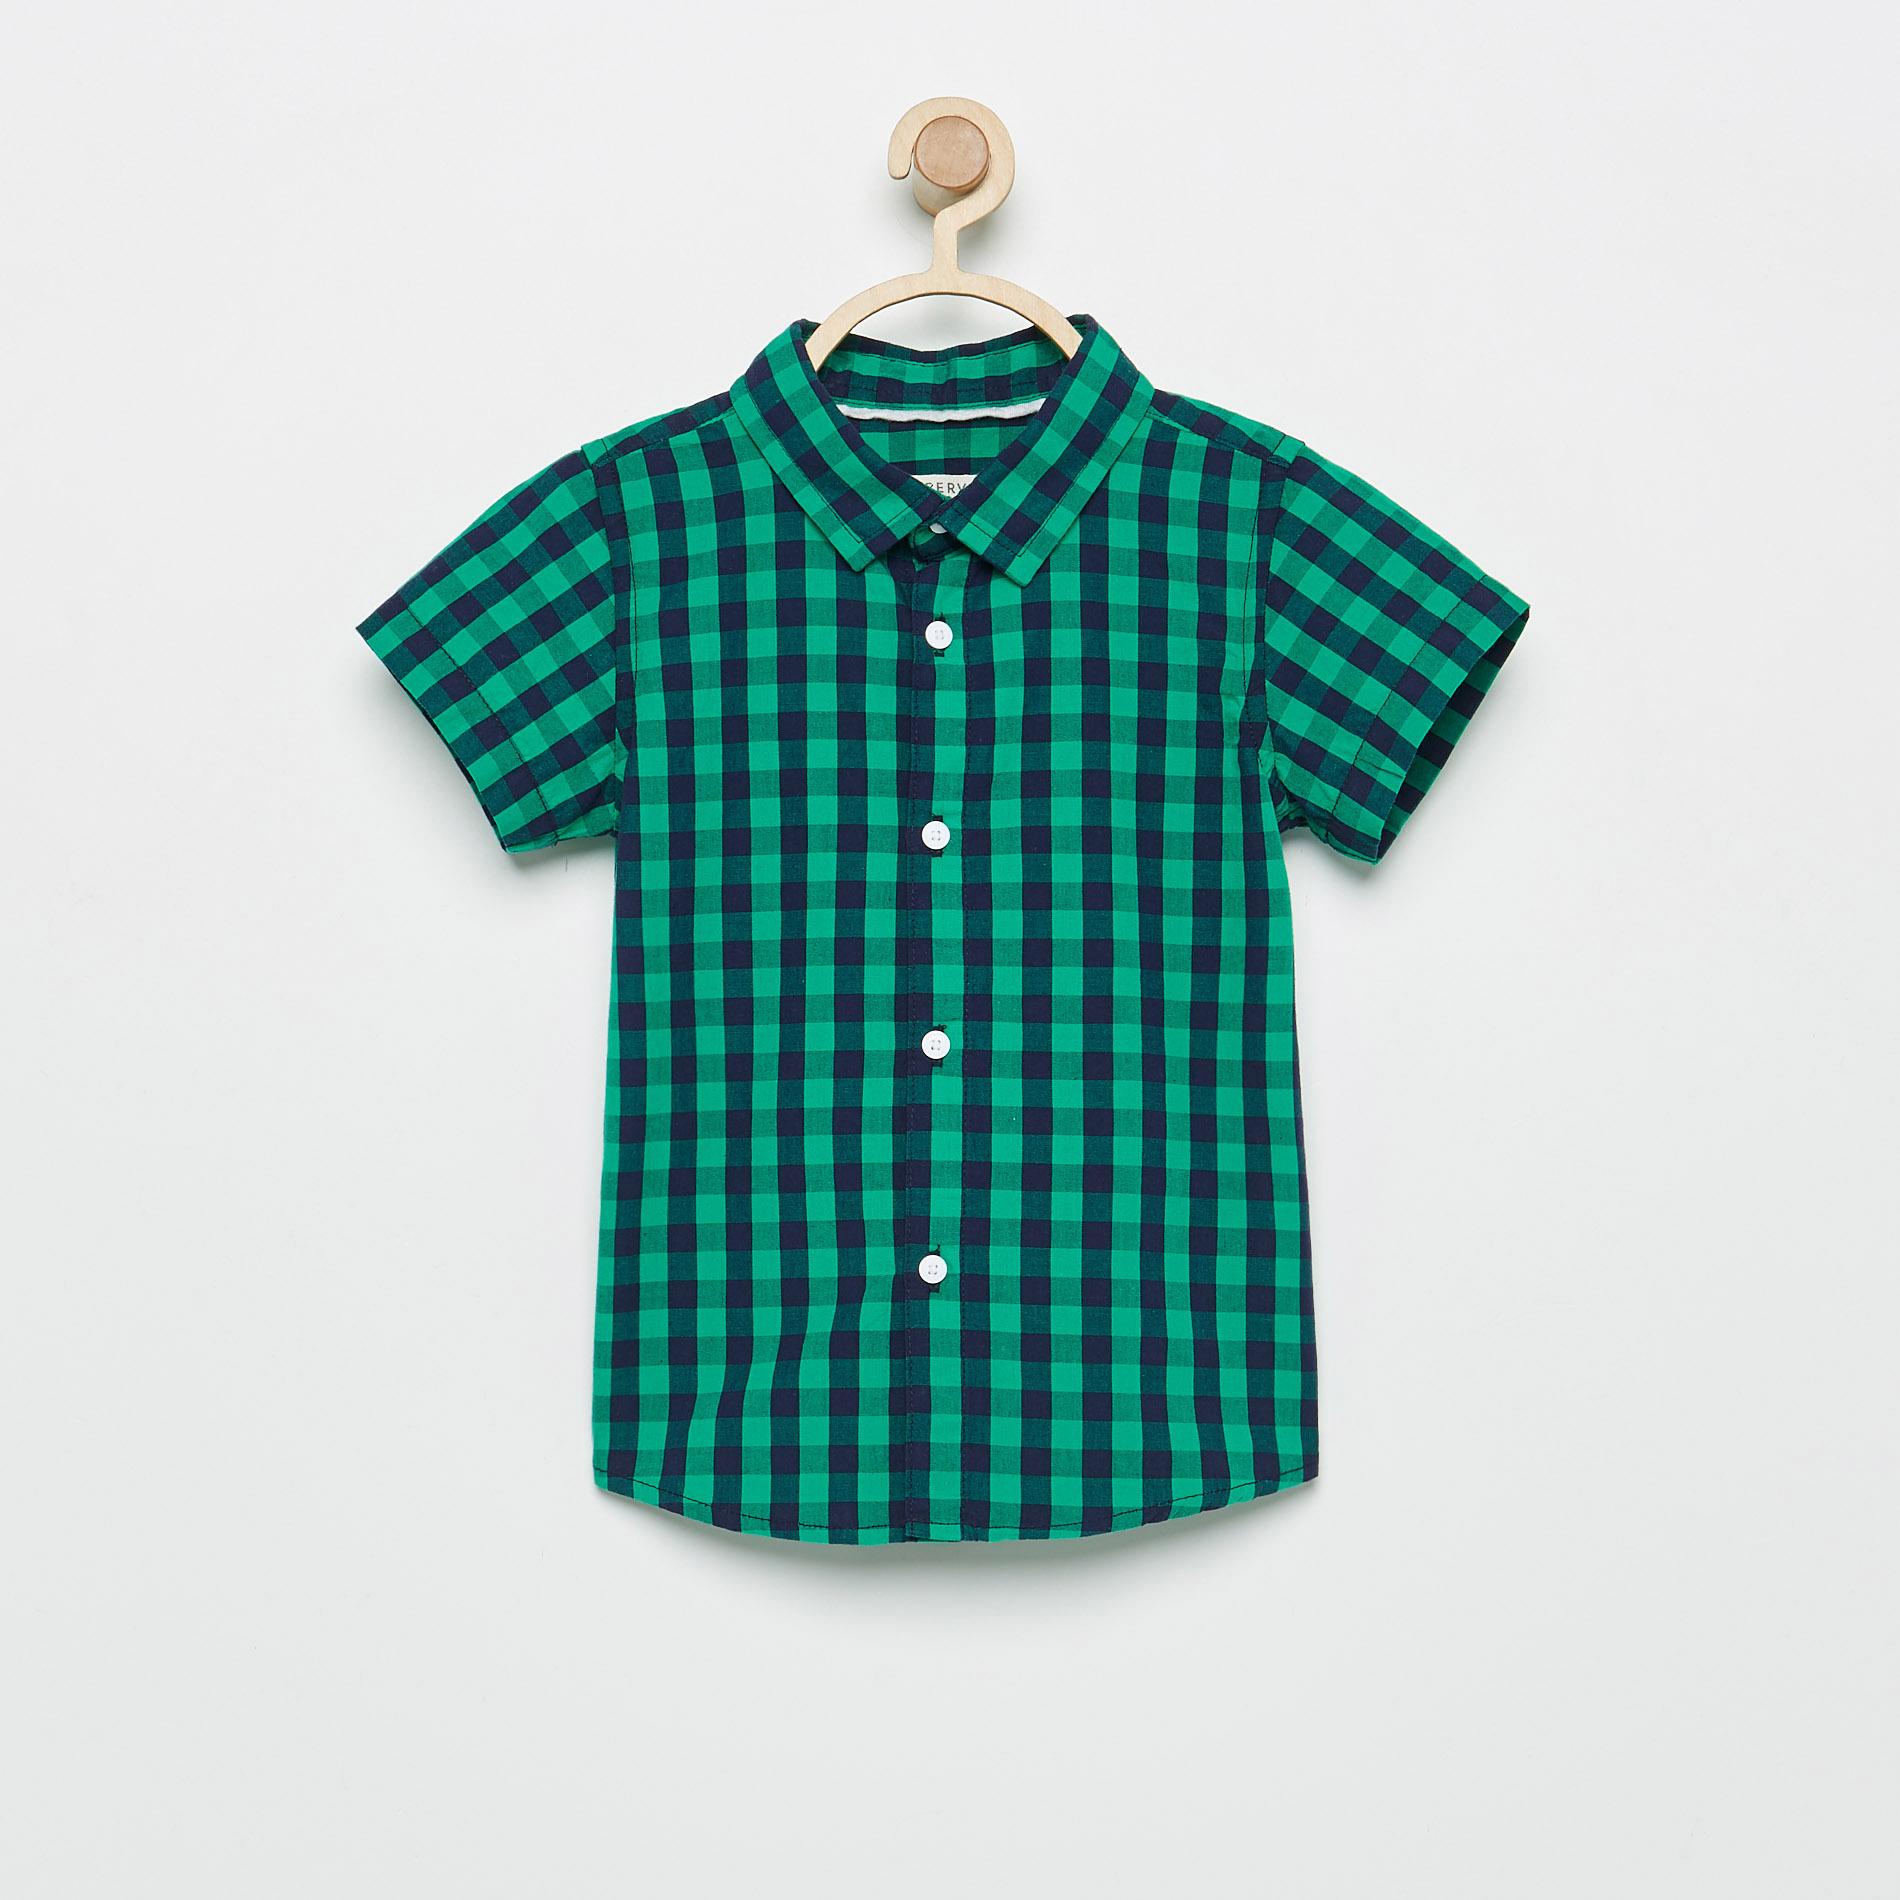 Dziecięca koszula za 14,99zł (20zł taniej) @ Reserved